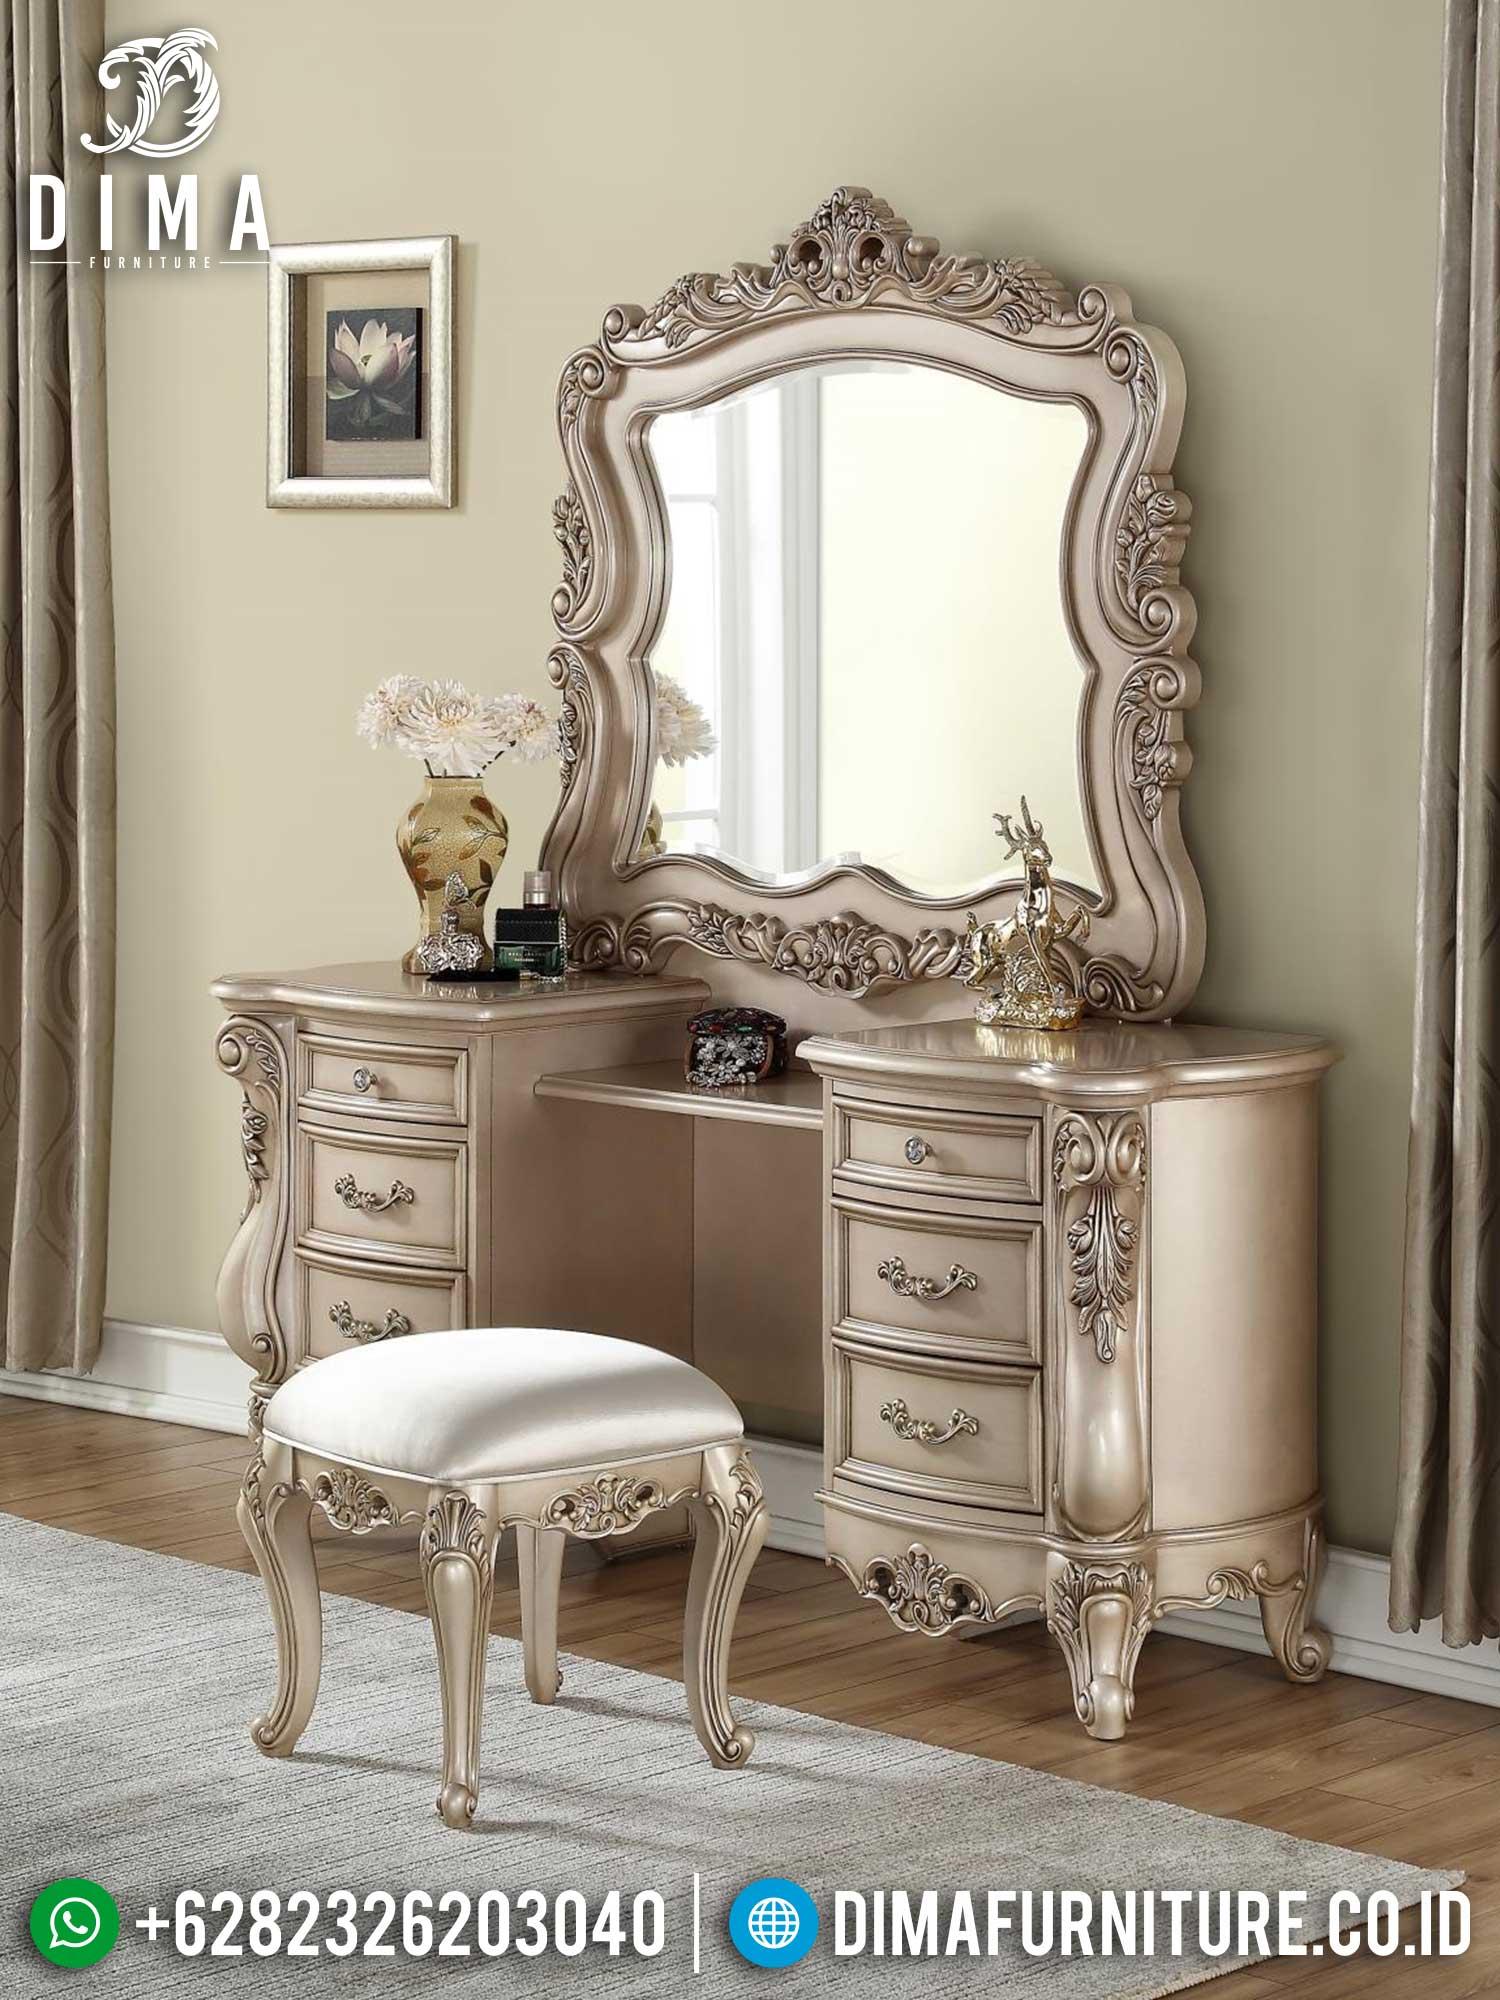 Set Meja Rias Mewah Ukiran Jepara Luxurious Classic Color Duco Top Coat TTJ-1419